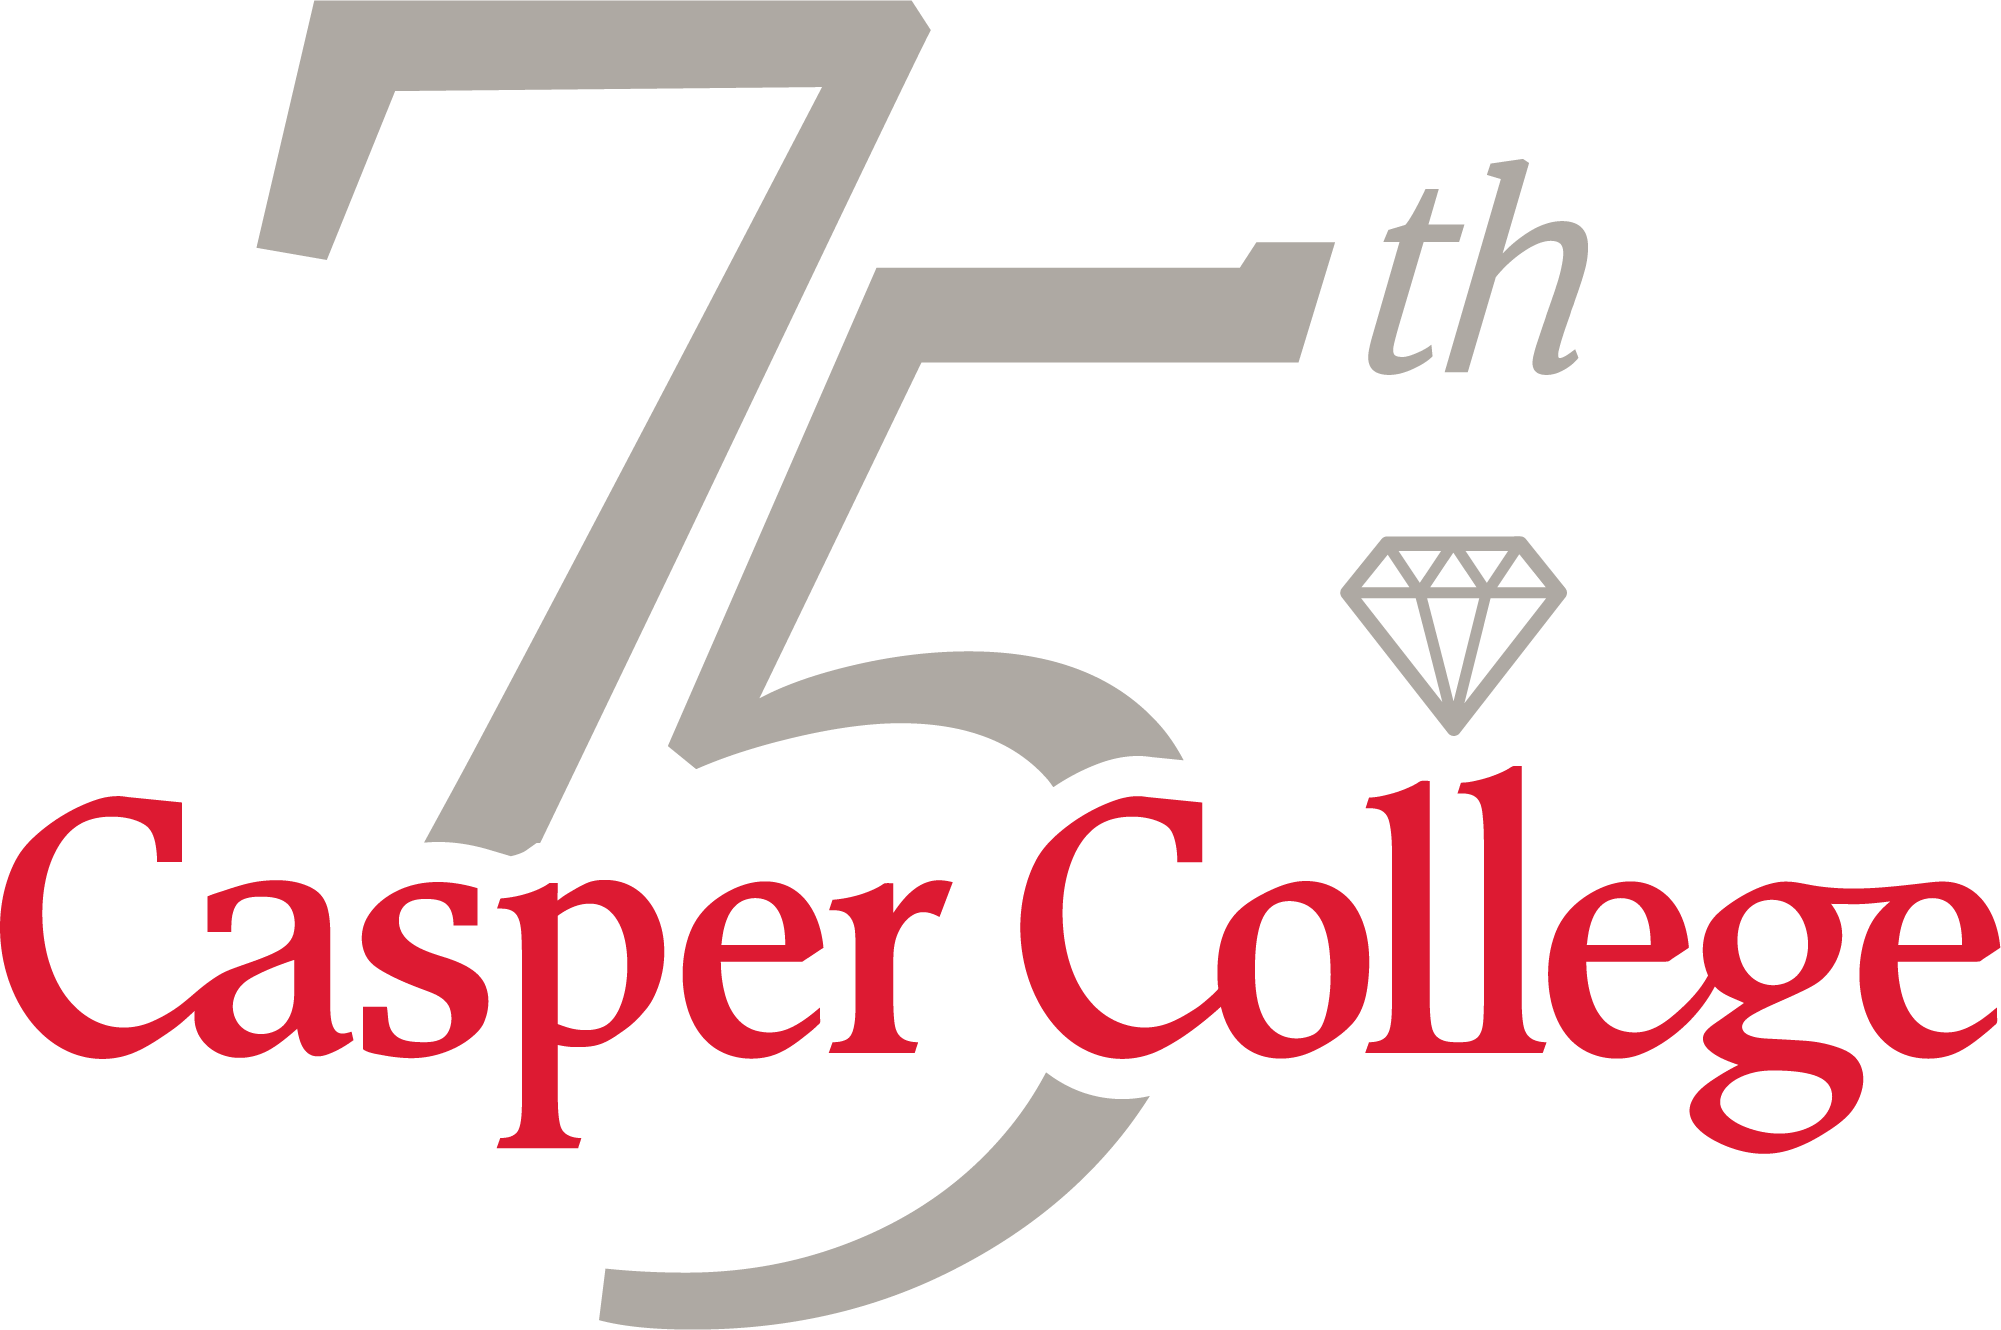 Casper College 75th Anniversary logo